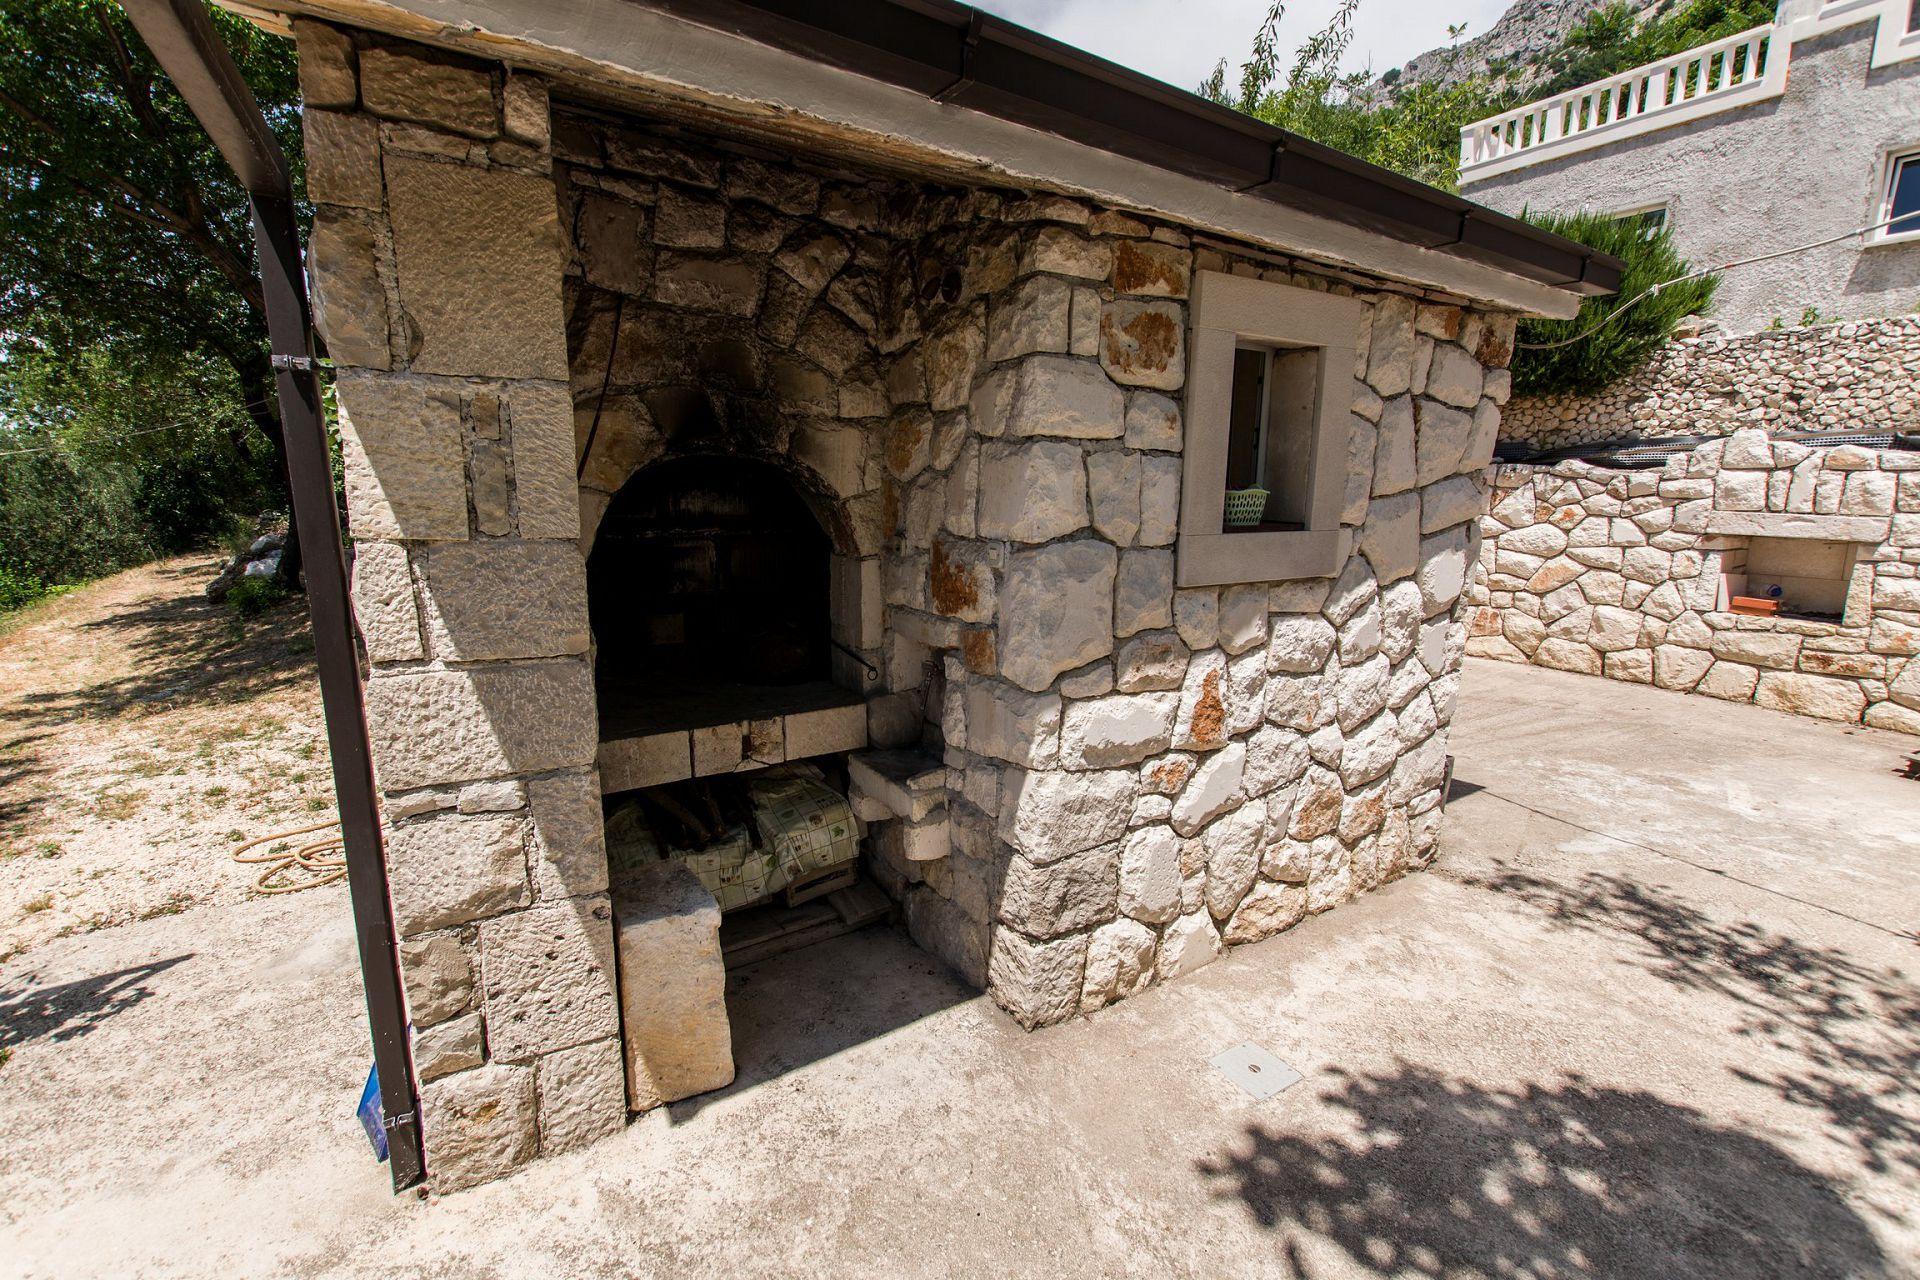 Zeli - Brela - Appartementen Kroatië - komin (huis en omgeving)